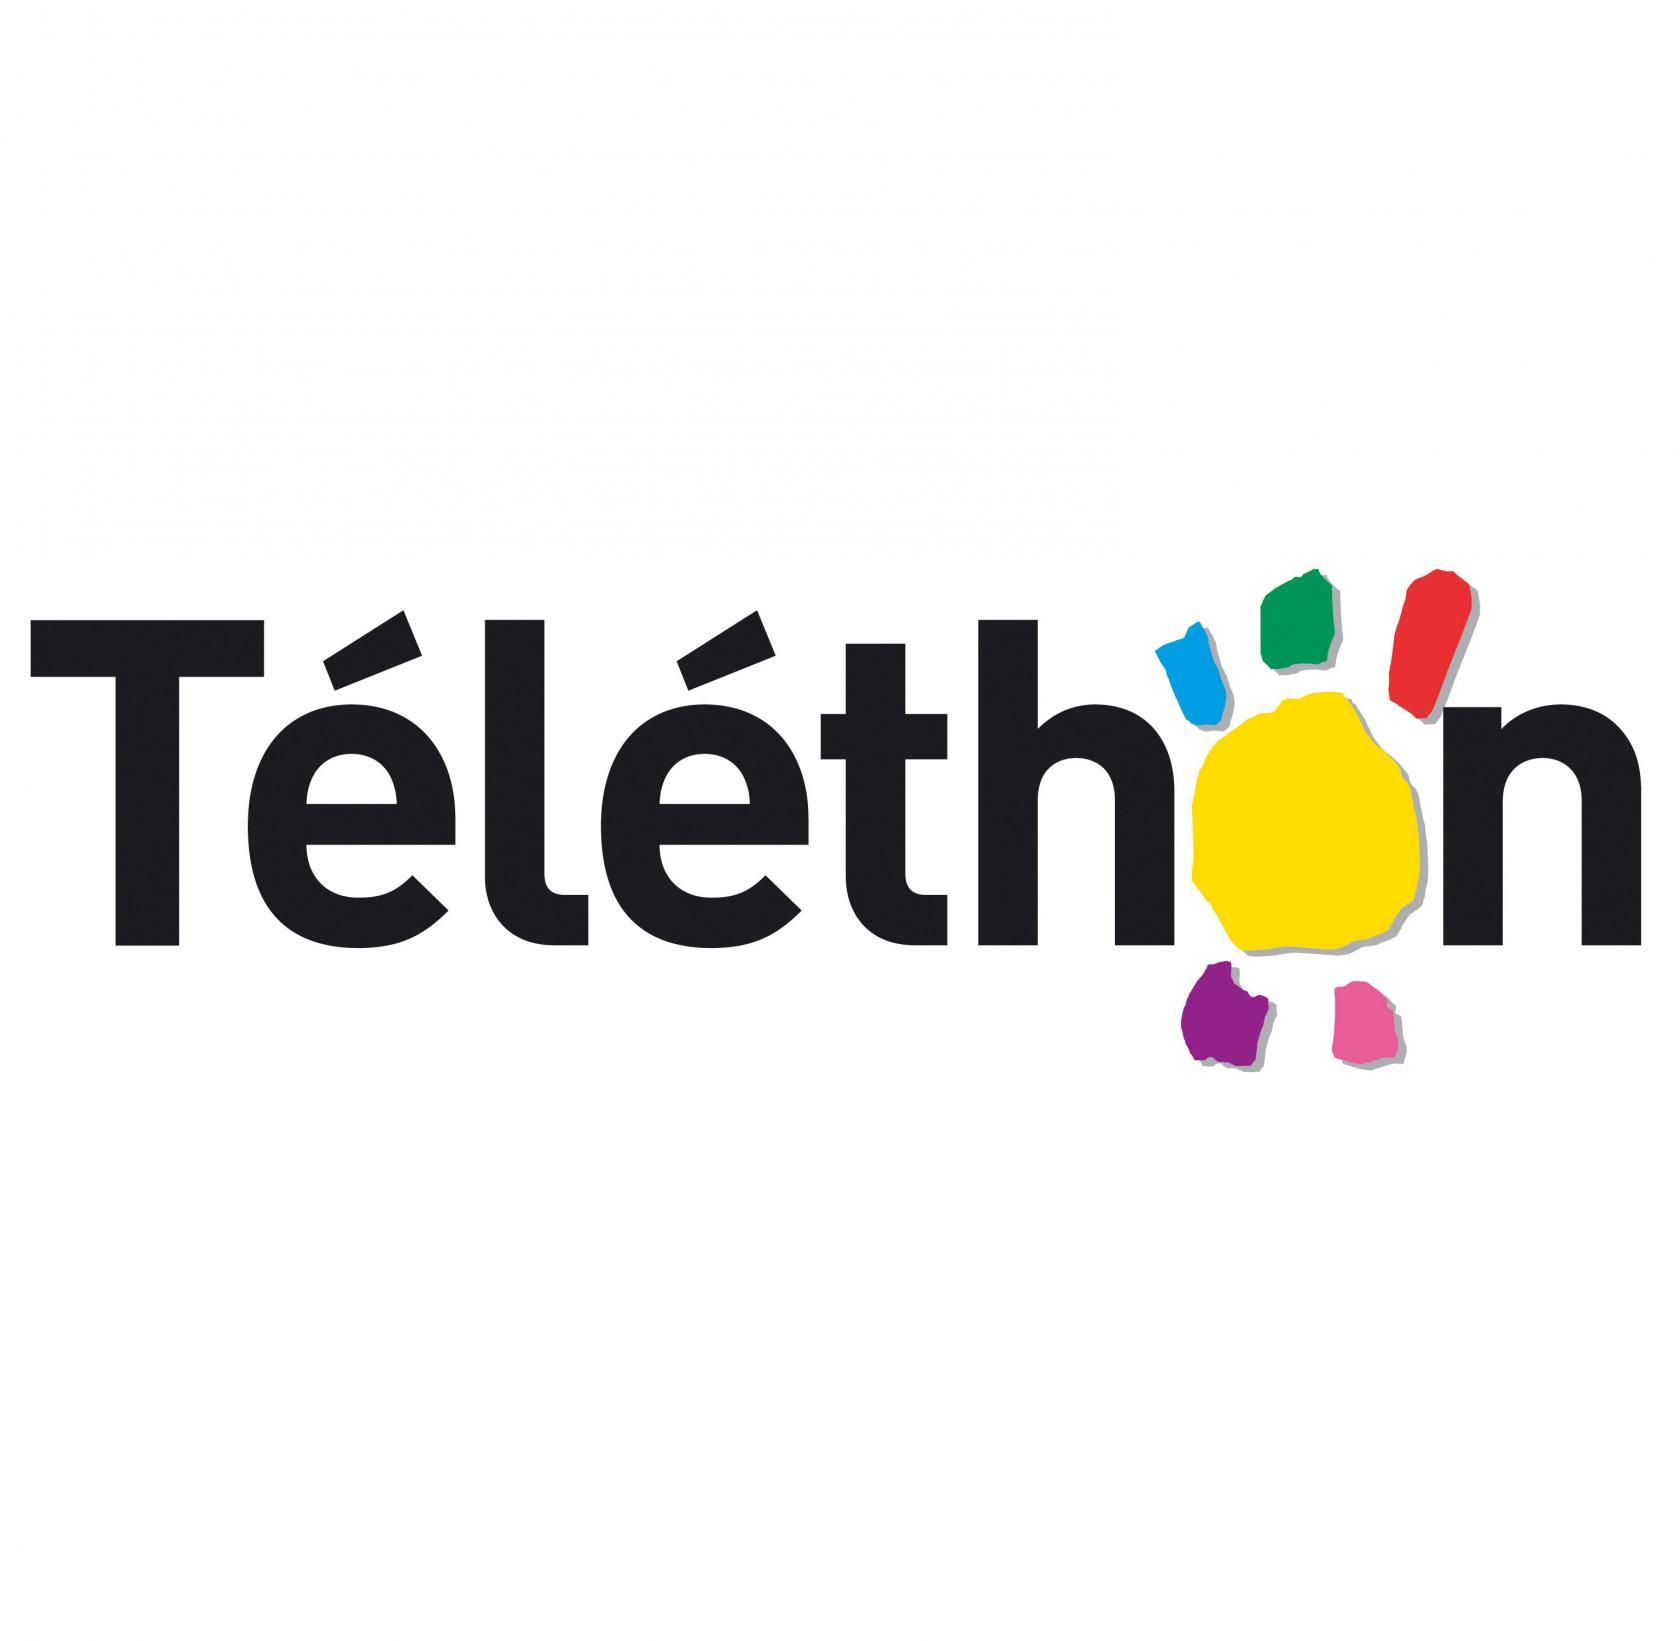 TELETHON MORIEUX MORIEUX